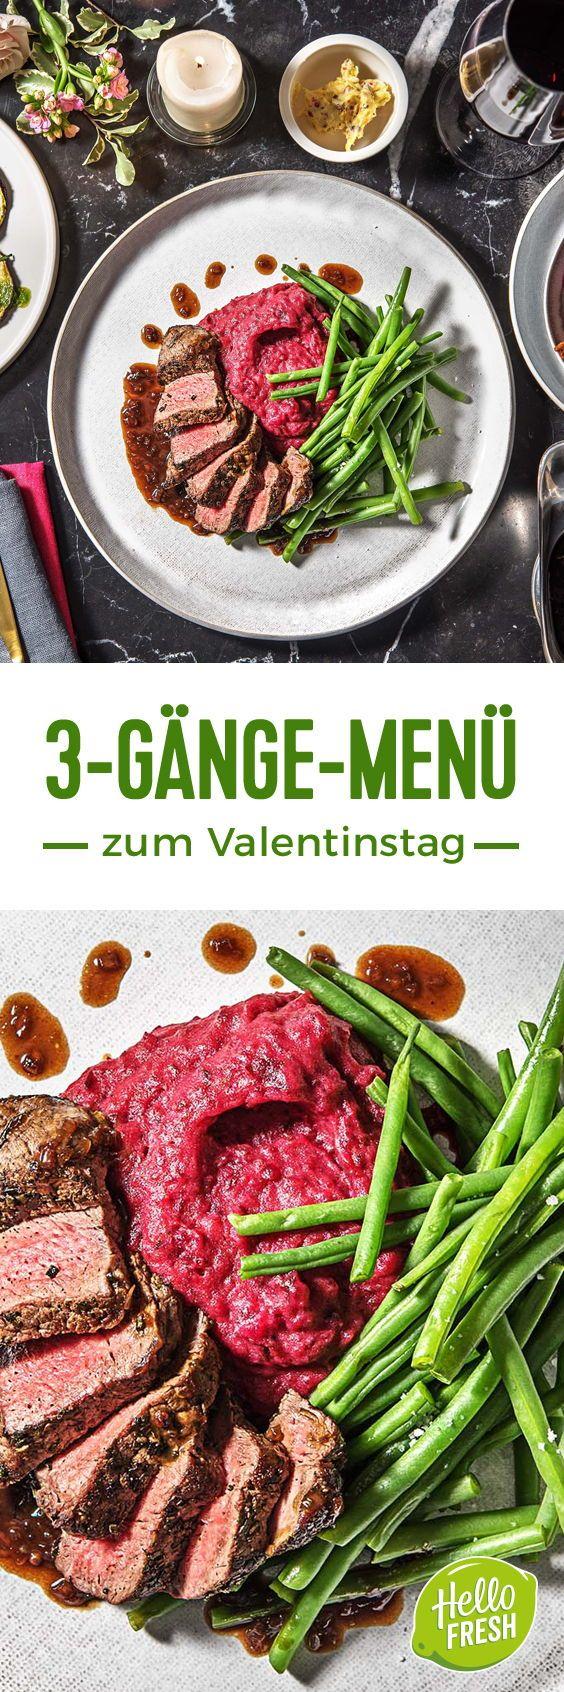 Zum Valentinstag kochen wir ein romantisches 3-Gänge Menü. Valentinstag / Dinn...